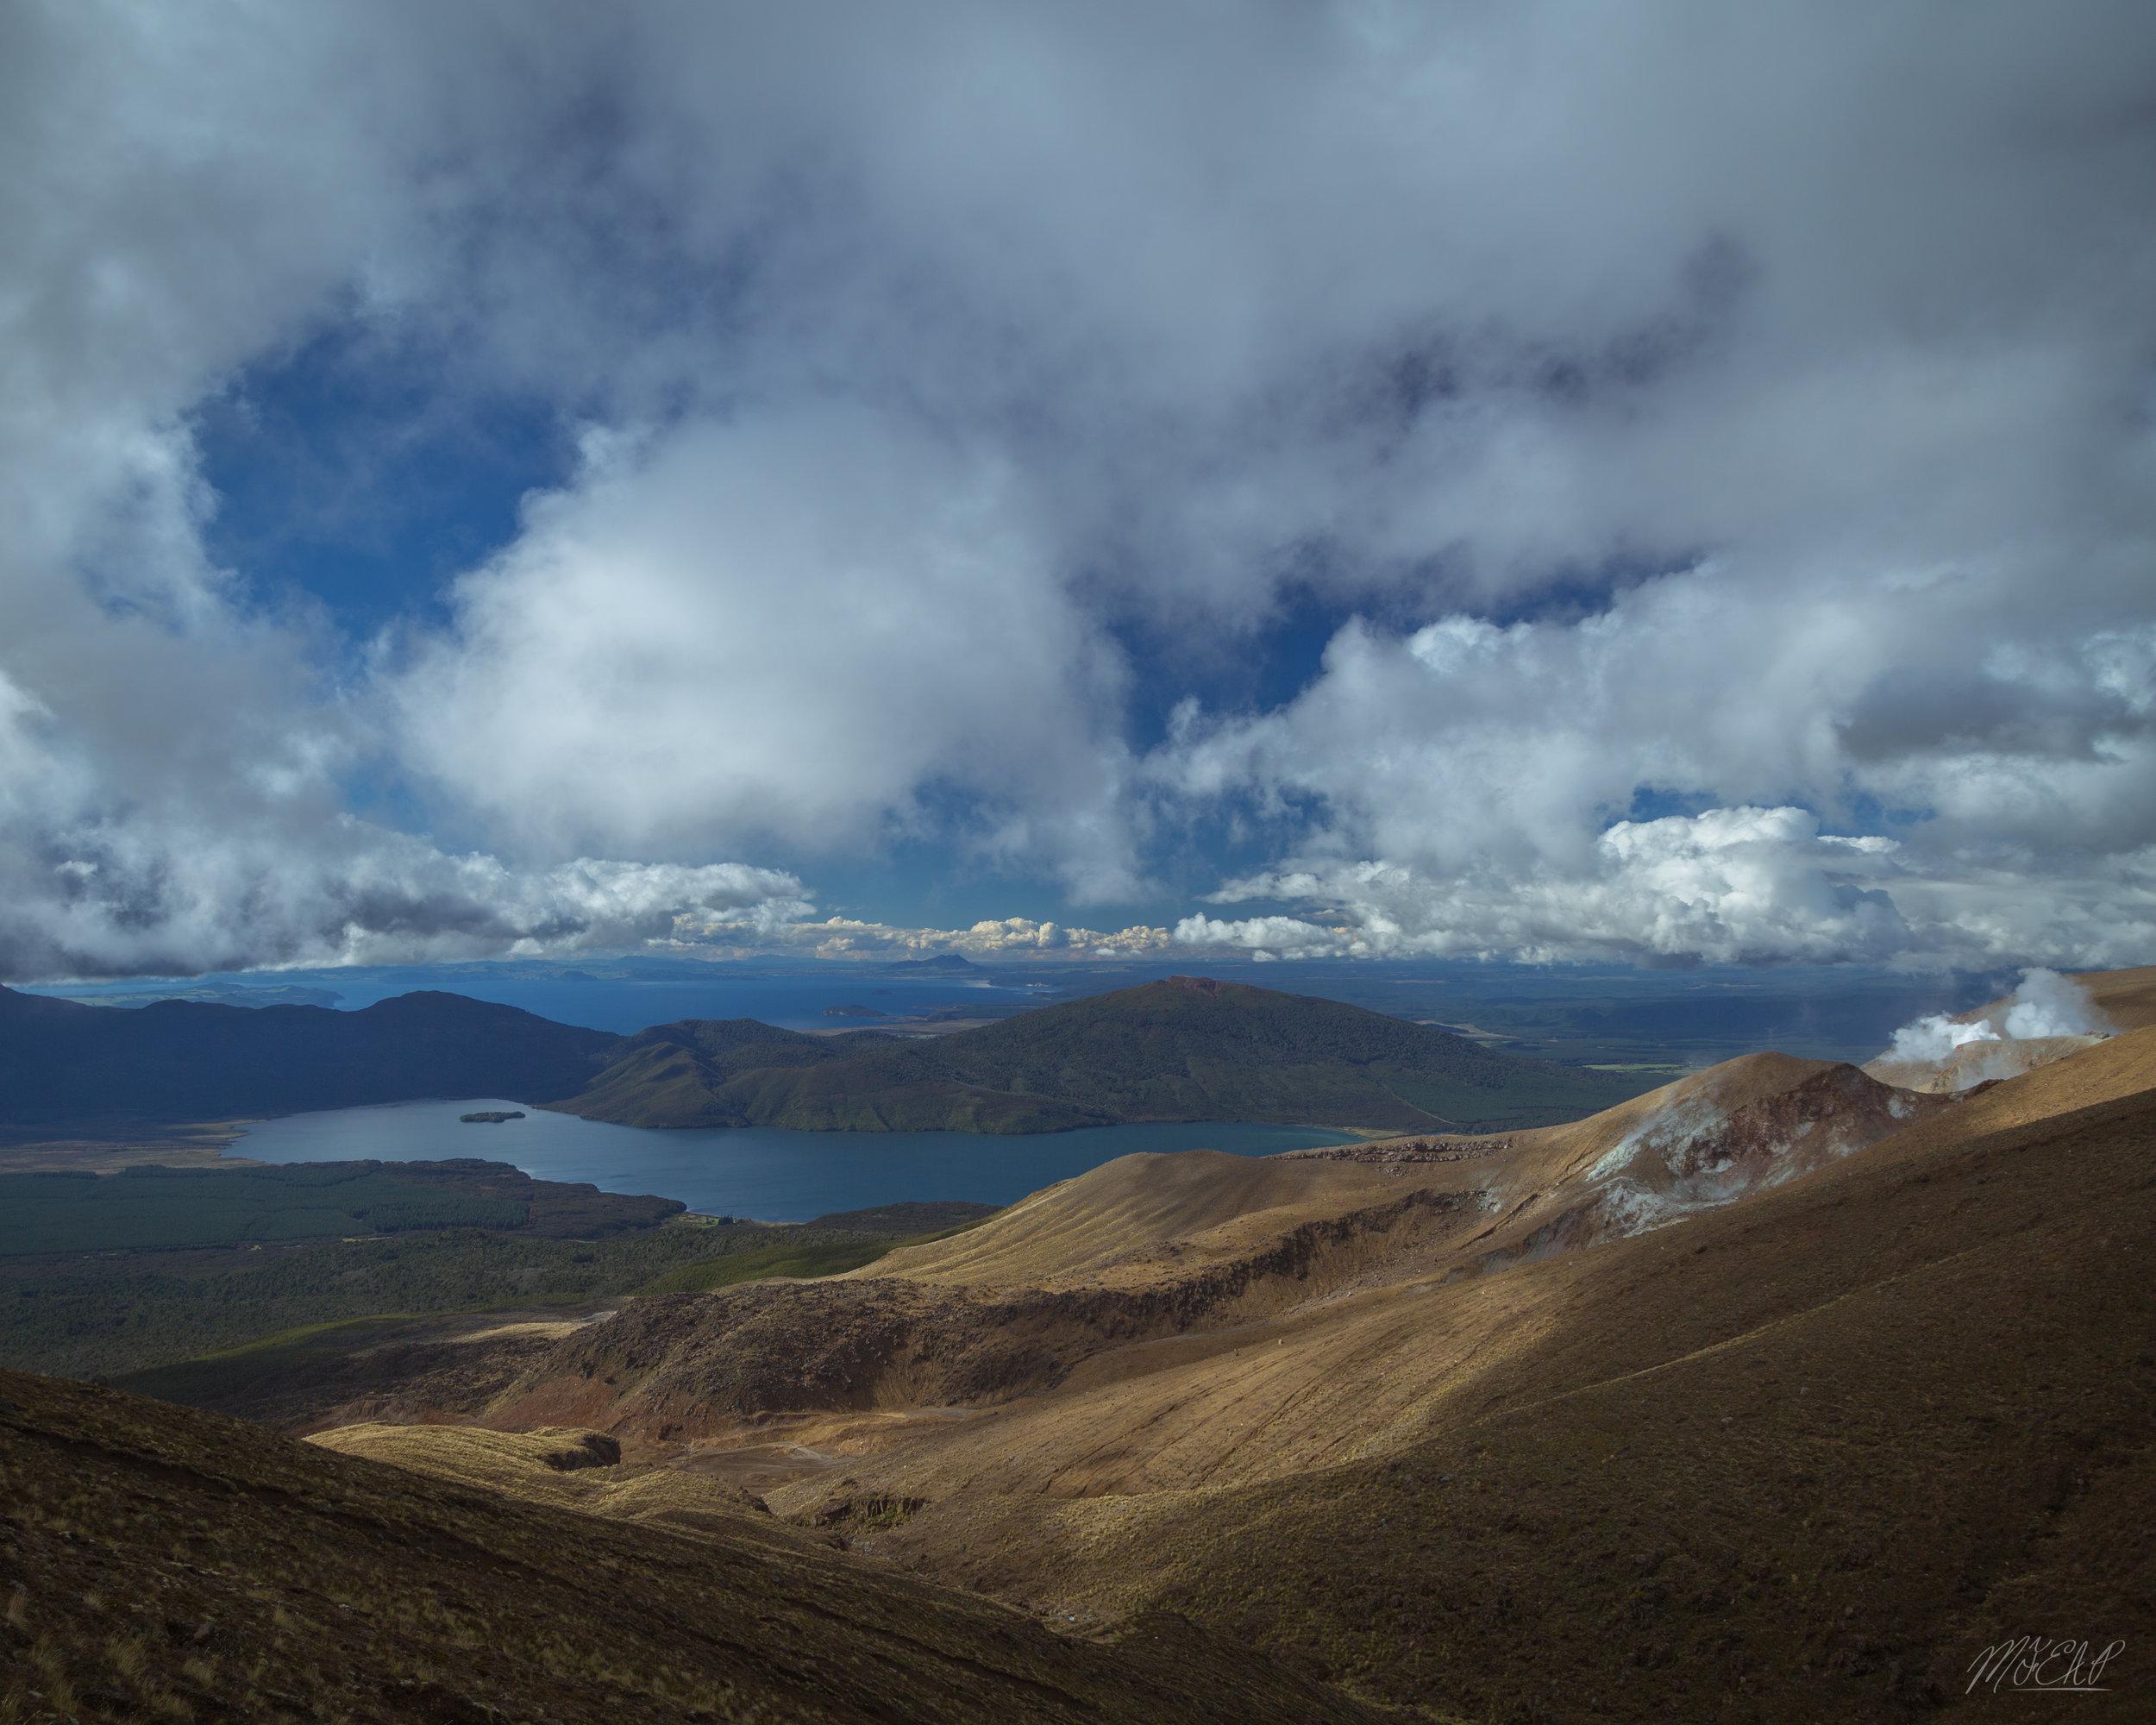 Views of lake Taupo